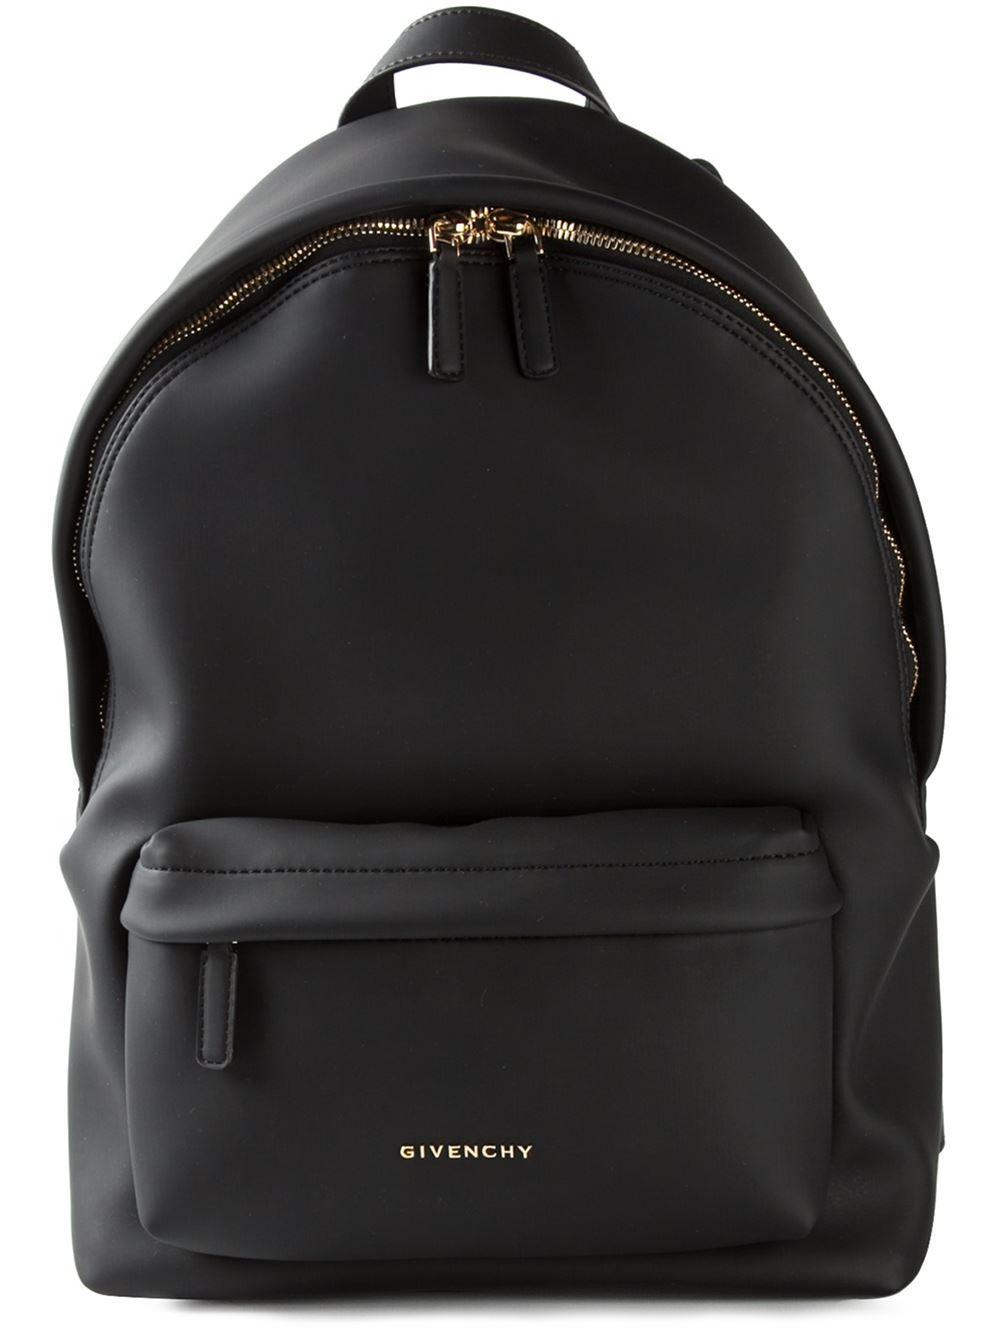 200c00366e3f Givenchy Classic Backpack - Dell oglio - Farfetch.com ...